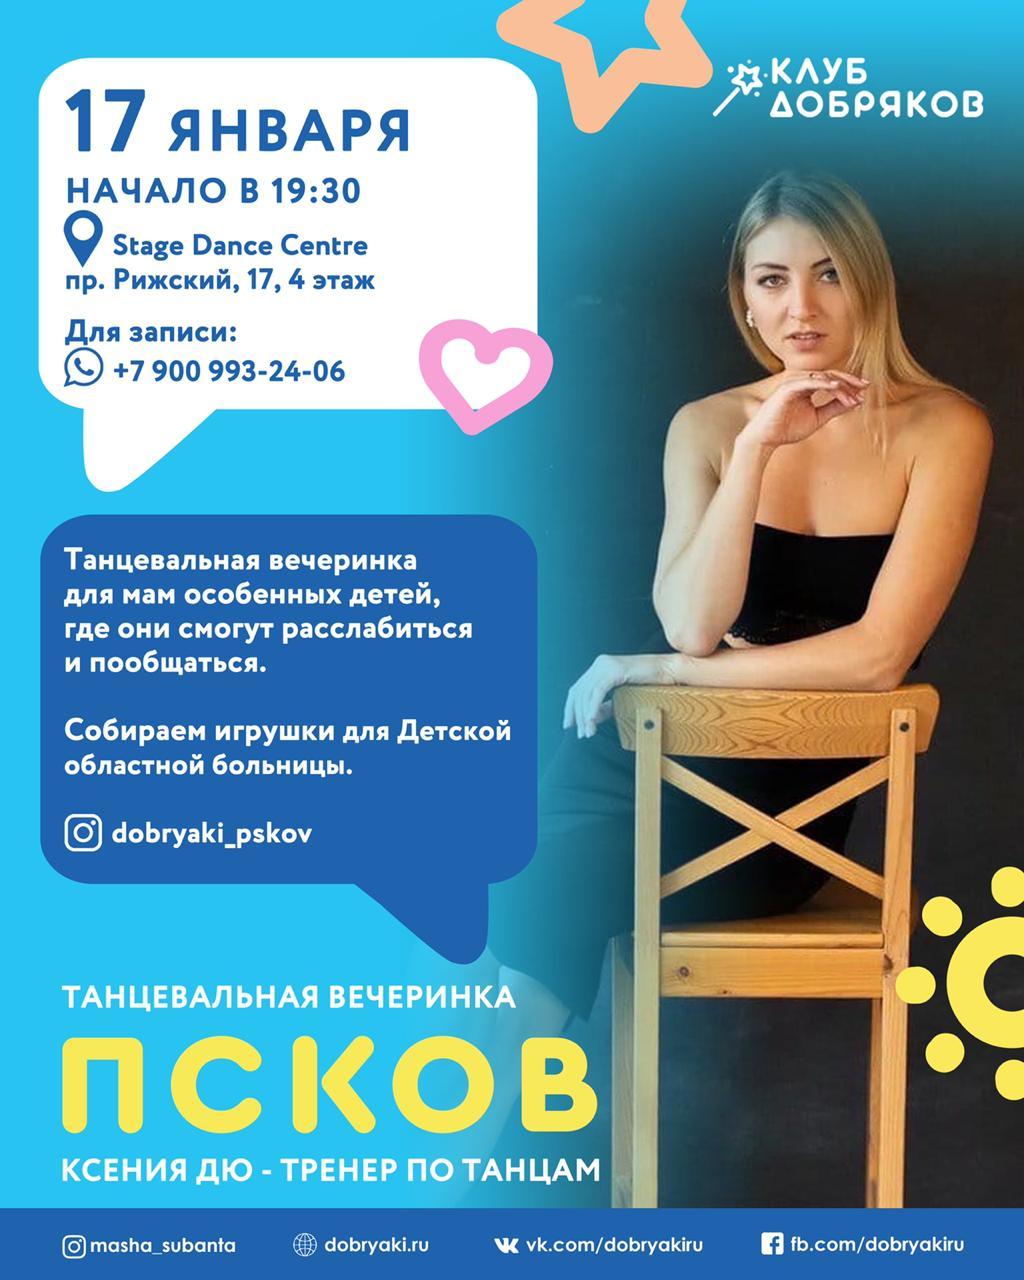 В Пскове пройдет танцевальная вечеринка для особенных мам